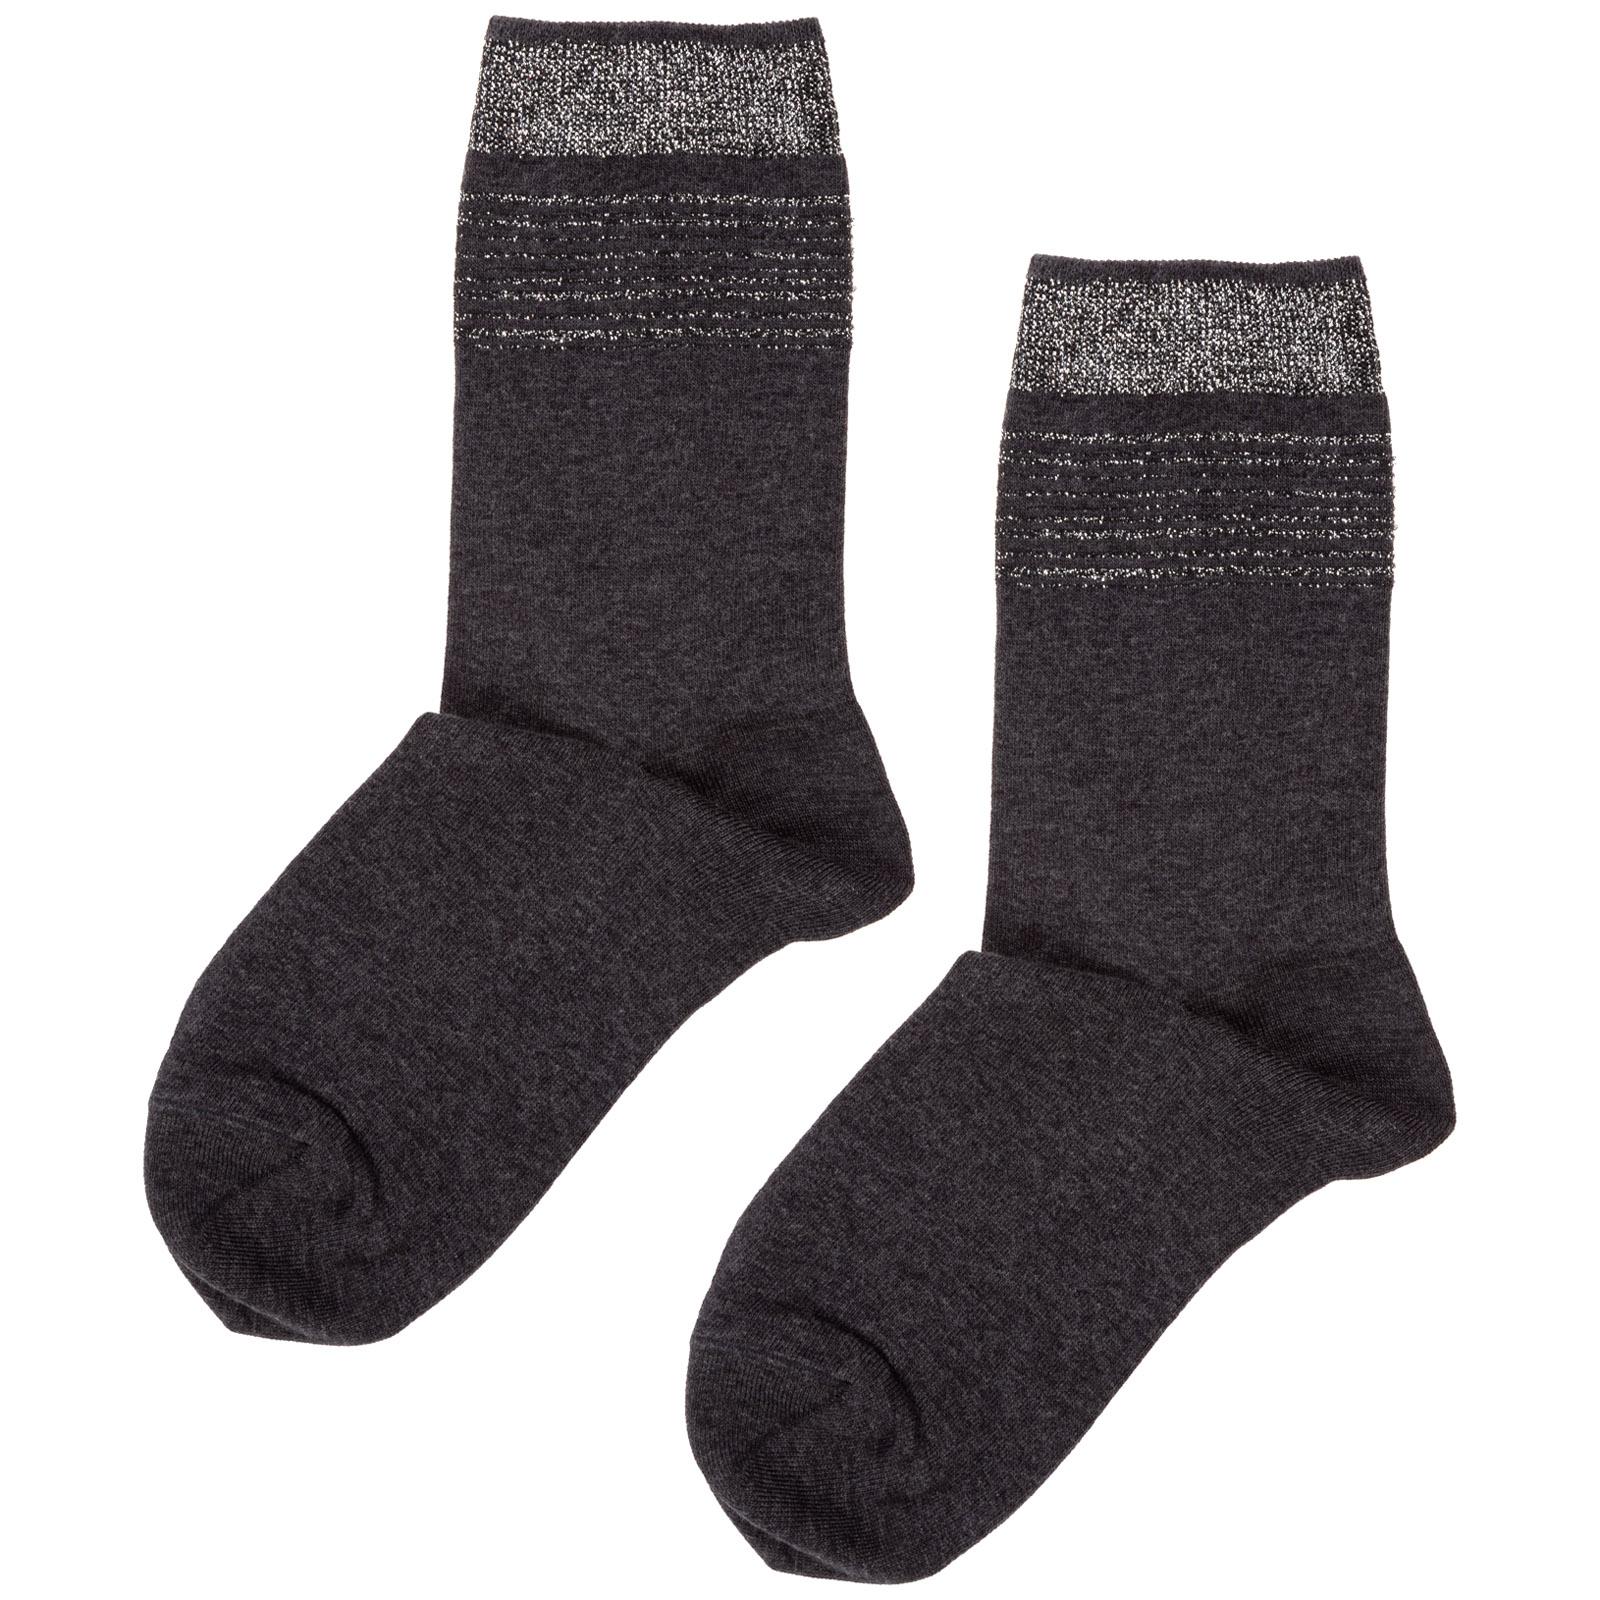 Low socks woman cuff lines